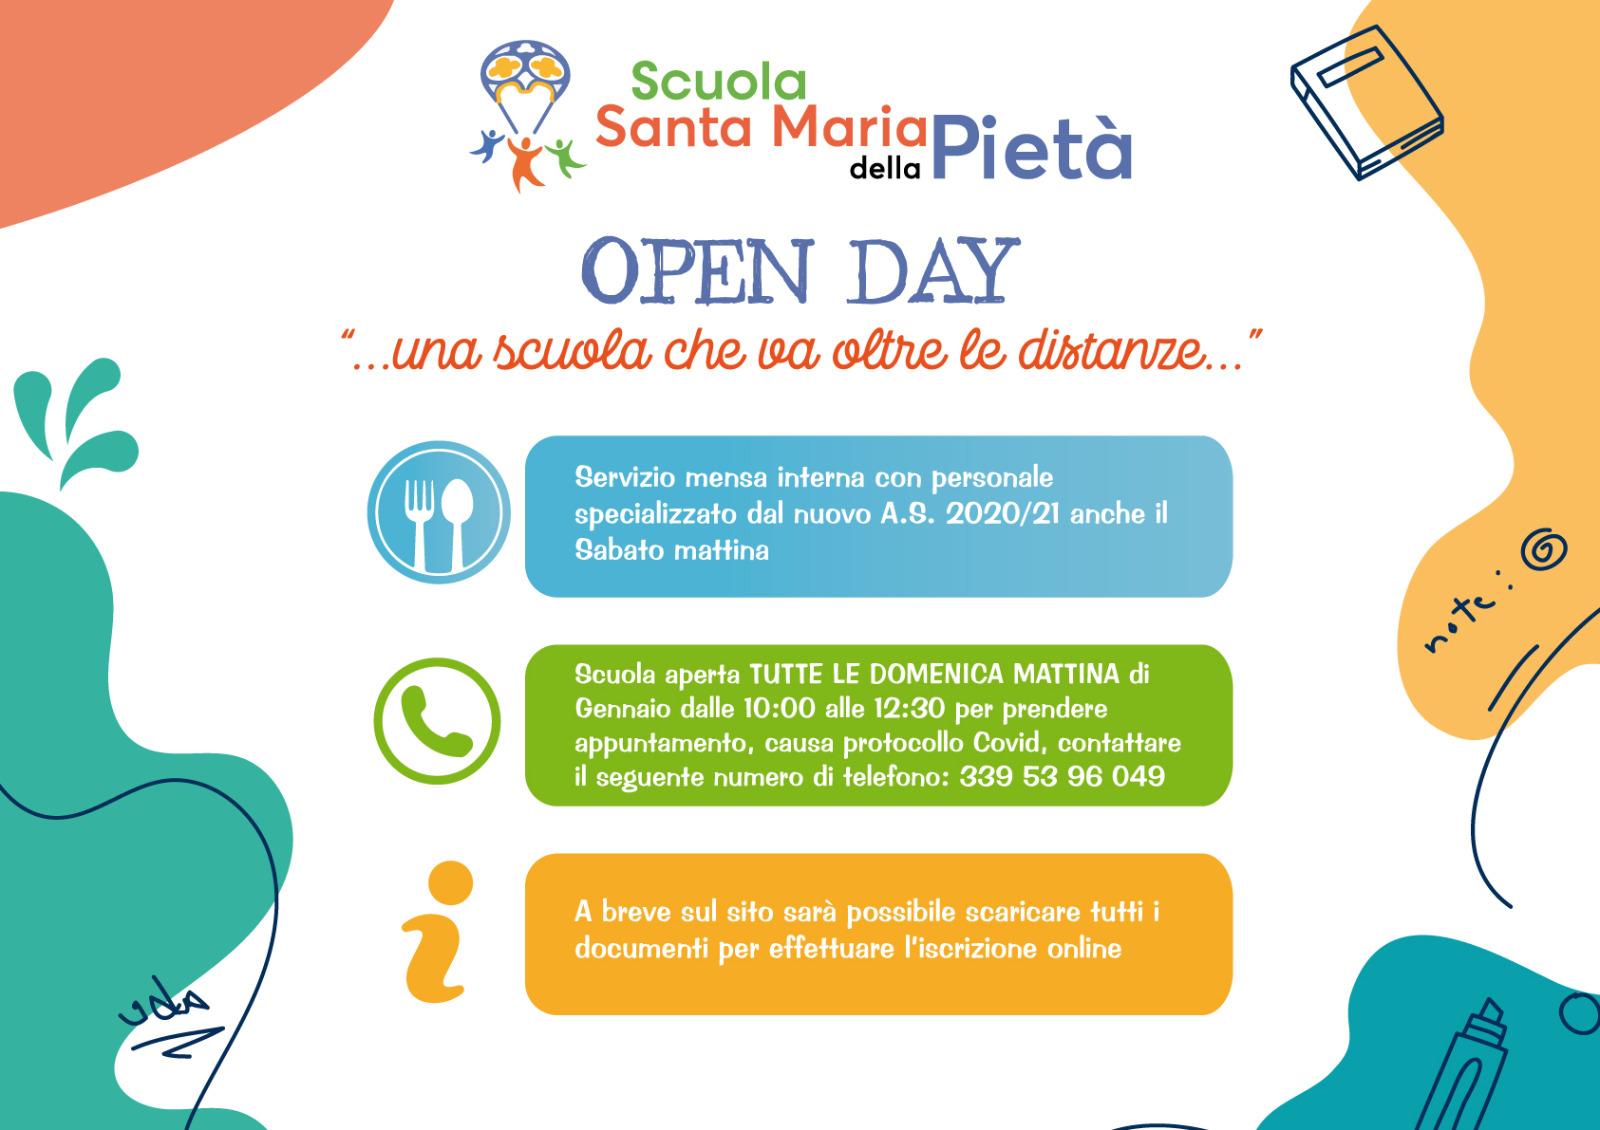 Open Day 2021 - Santa Maria della Pietà